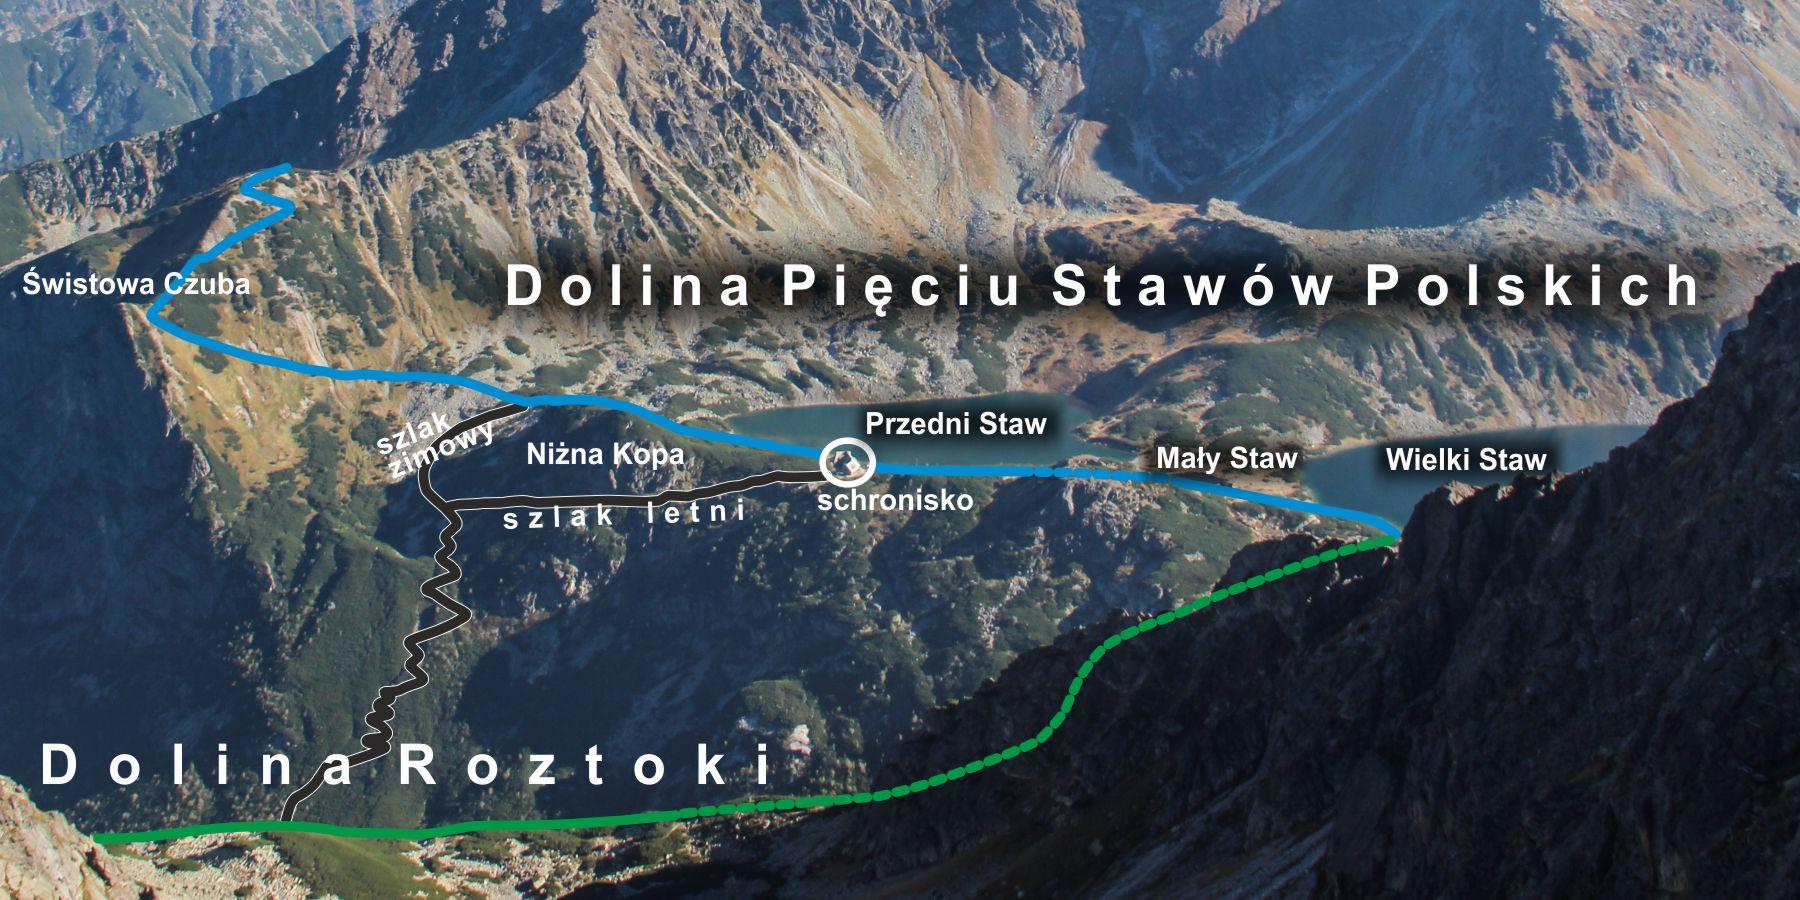 Szlaki do Schroniska w Dolinie Pięciu Stawów Polskich